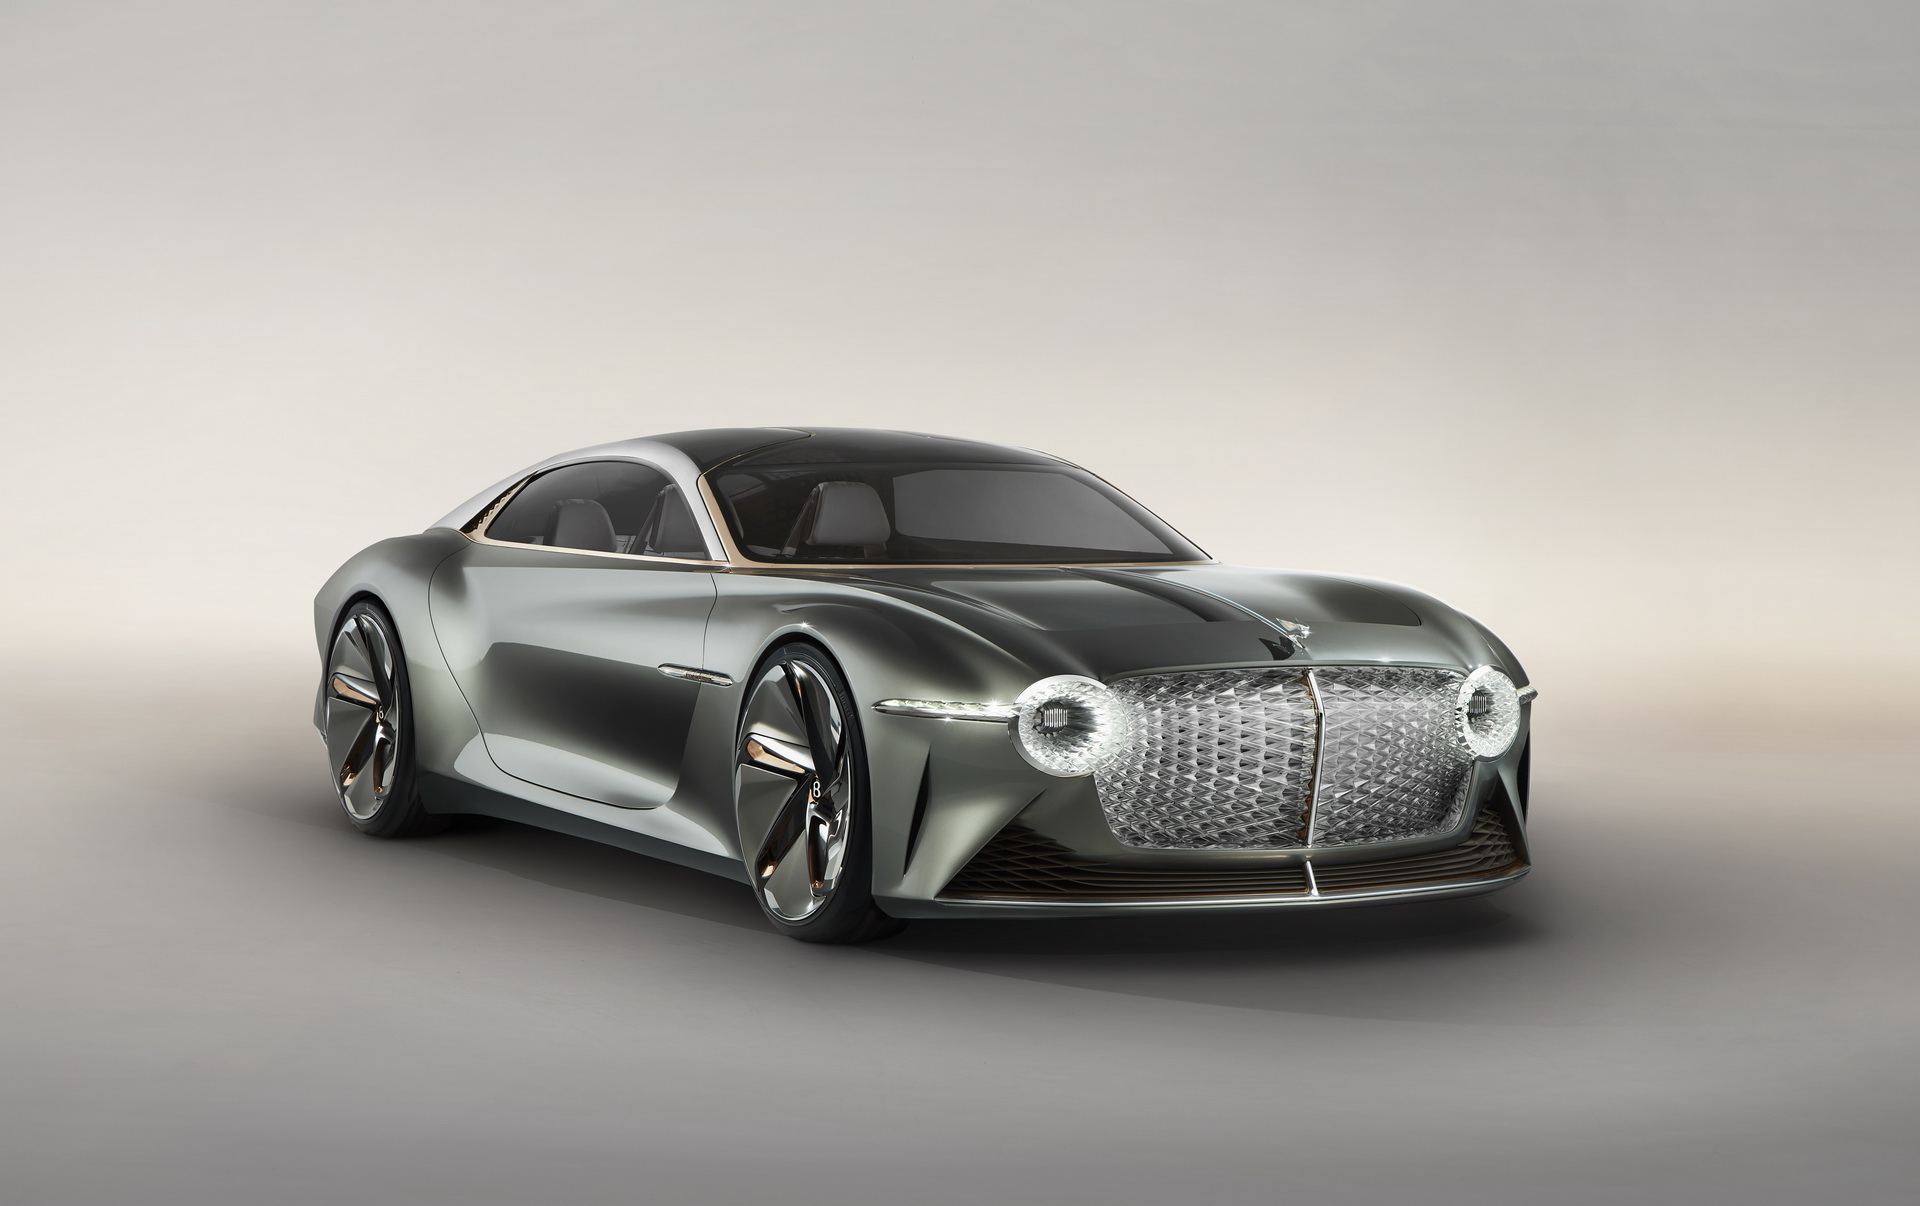 2035年的豪华车是什么样子?宾利电动EXP 100